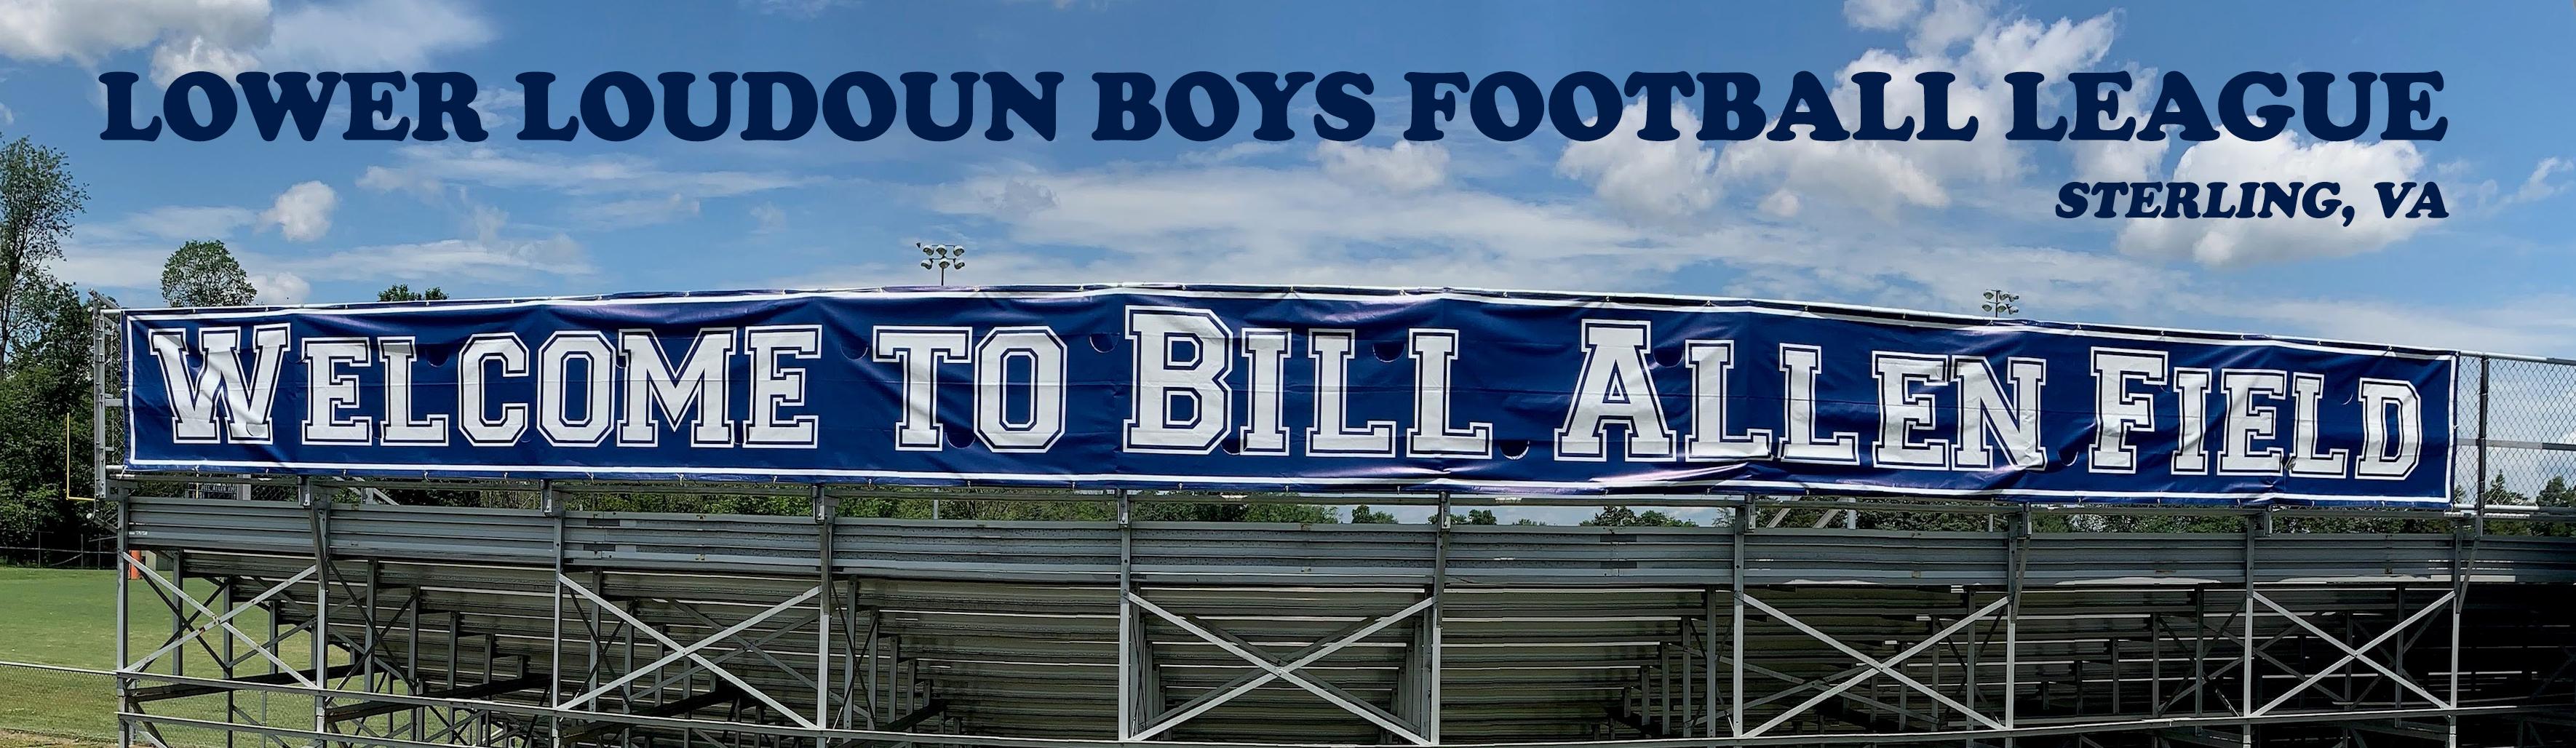 Lower Loudoun Boys Football League, Football, , Bill Allen Field